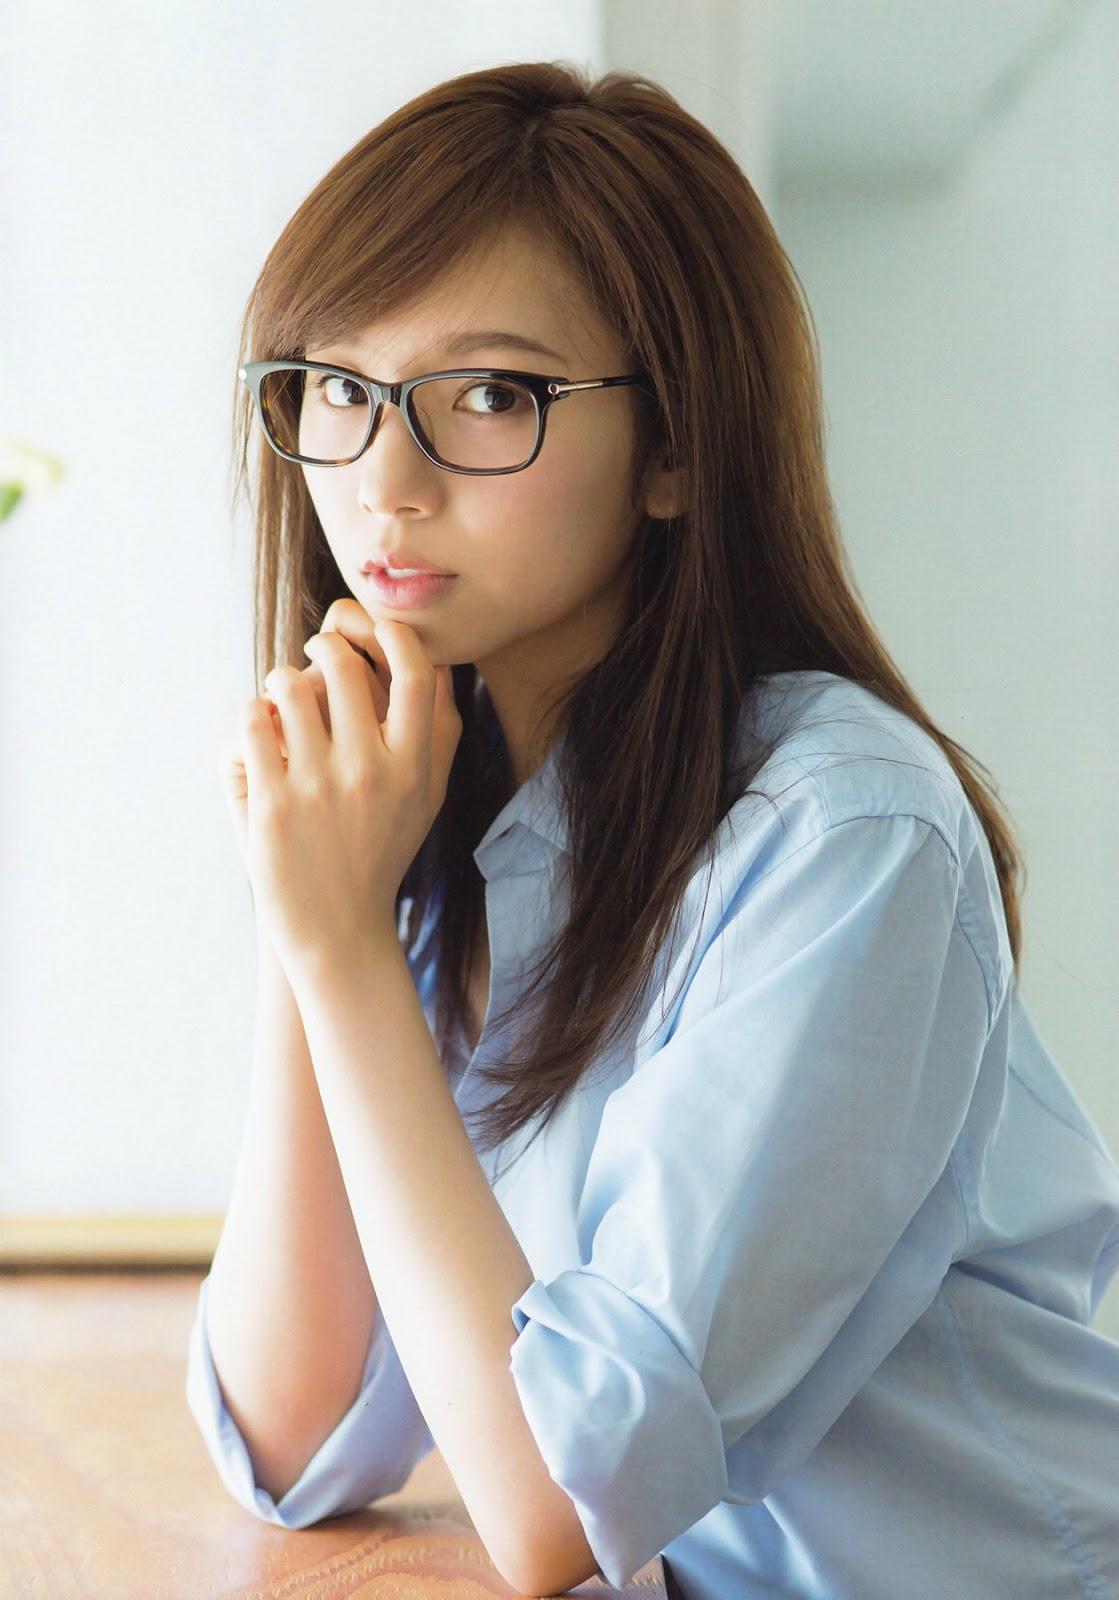 黒縁メガネをかけた顔も可愛い新内眞衣の画像